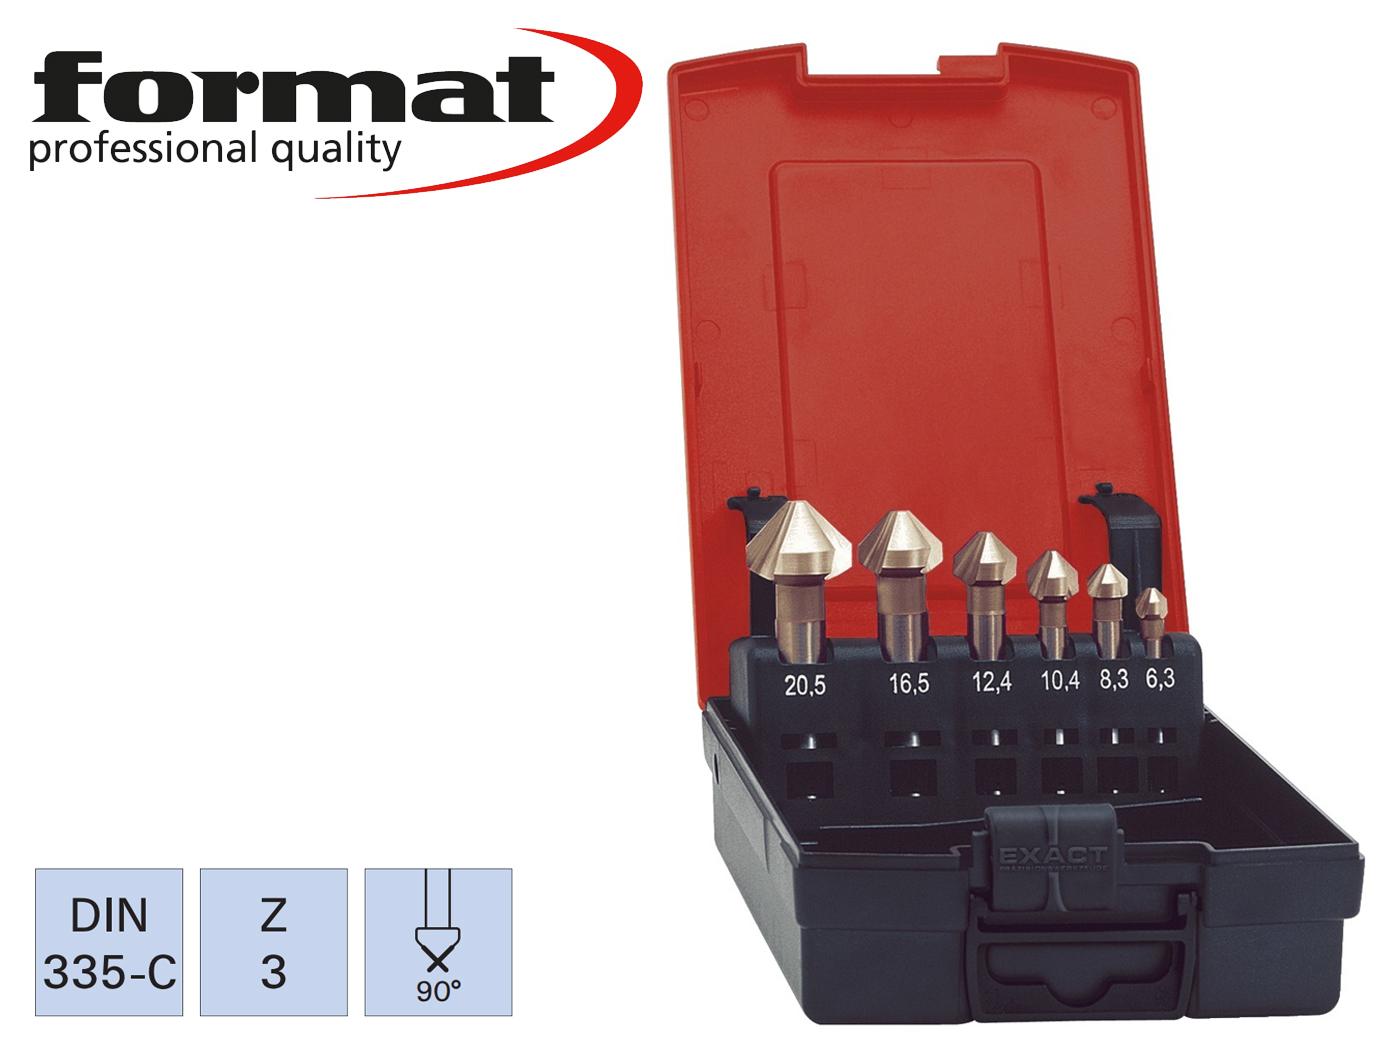 verzinkborenset DIN 335 C HSSECo5 90 G FORMAT   DKMTools - DKM Tools